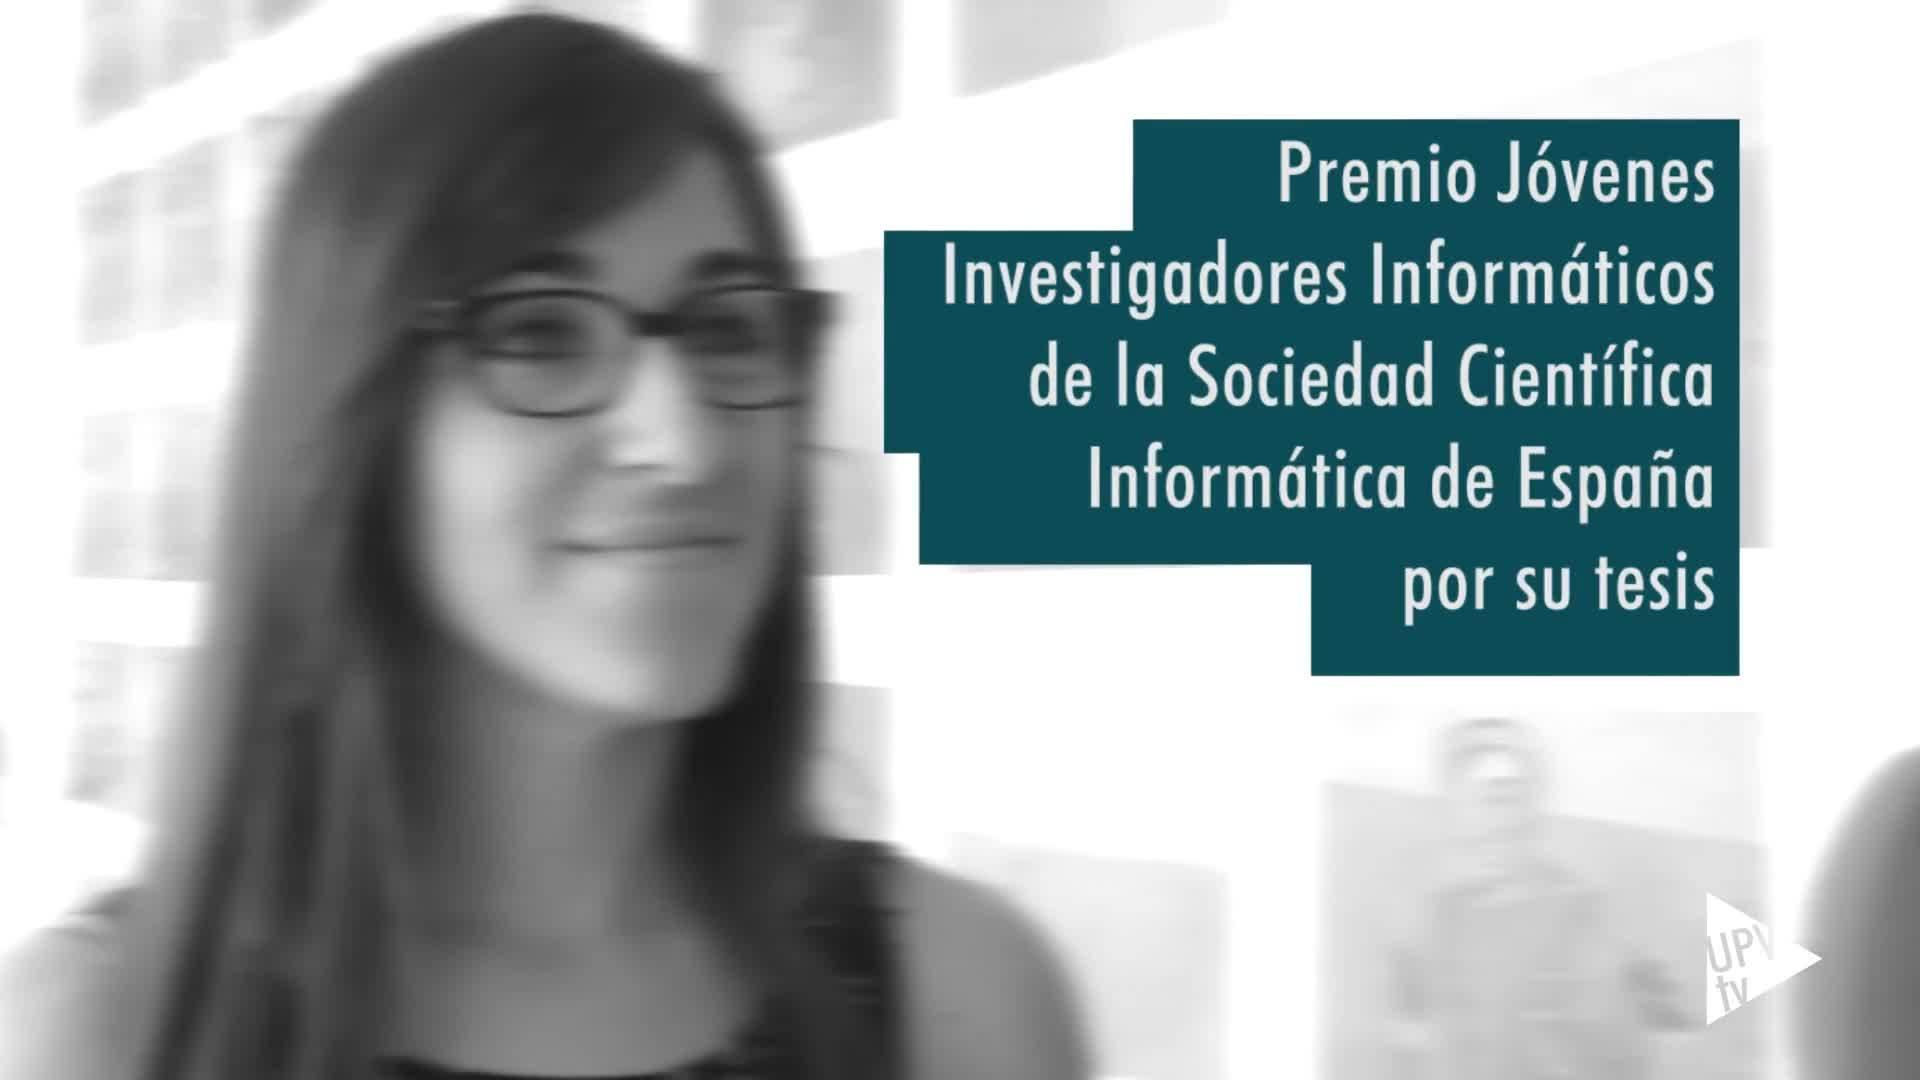 16-07-2019 Patricia Pons, Premio Jóvenes Investigadores Informáticos